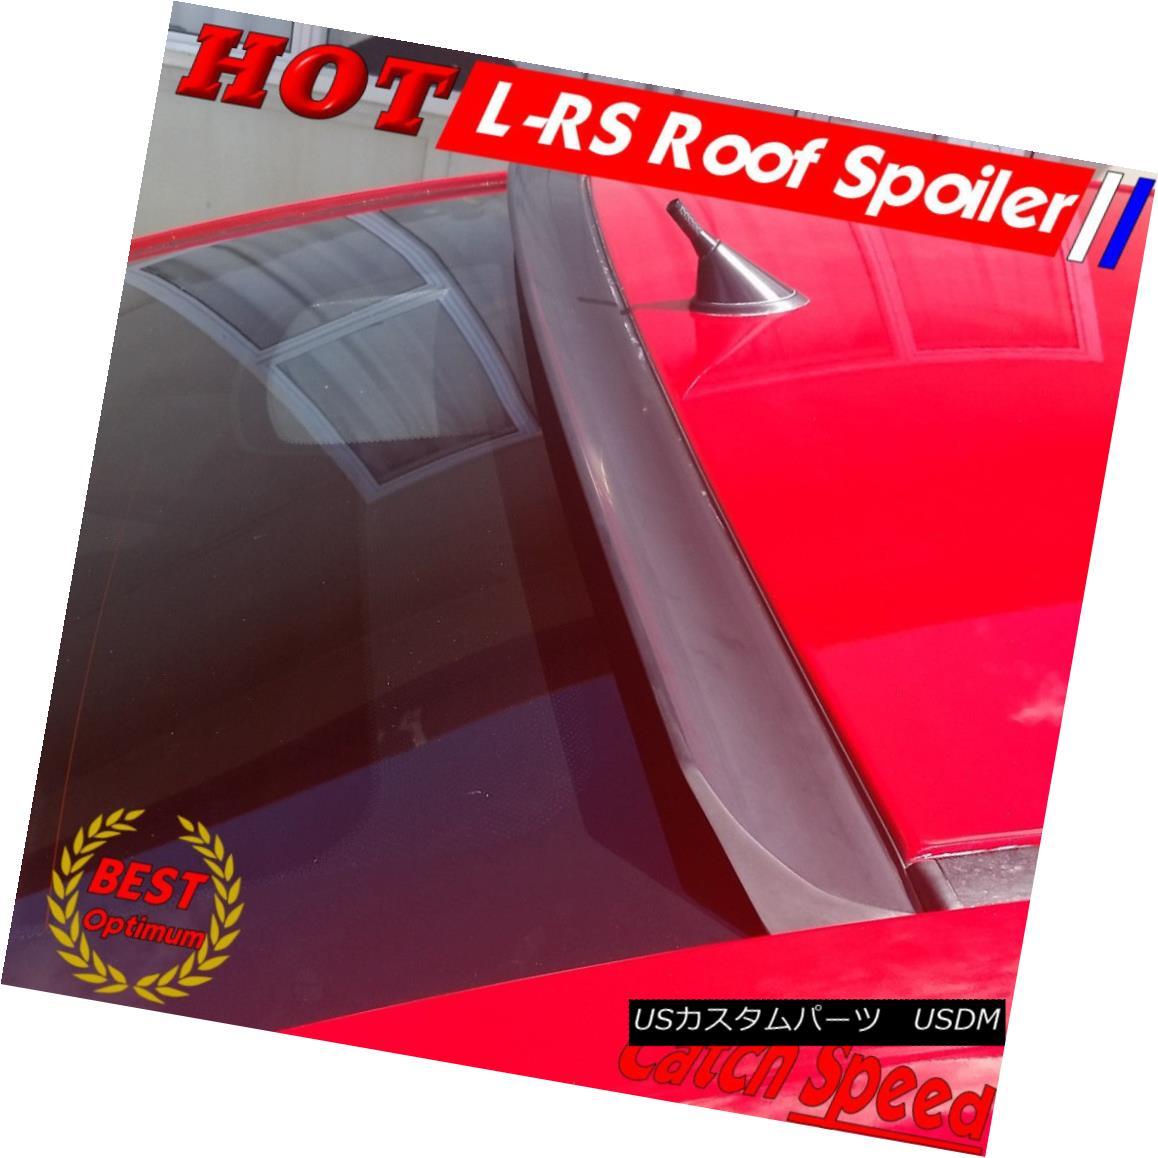 エアロパーツ Flat Black LRS Type Rear Window Roof Spoiler Wing For Audi A4 B6 Sedan 2002-05 フラットブラックLRSタイプリアウィンドウルーフスポイラーウィングforアウディA4 B6セダン2002-05